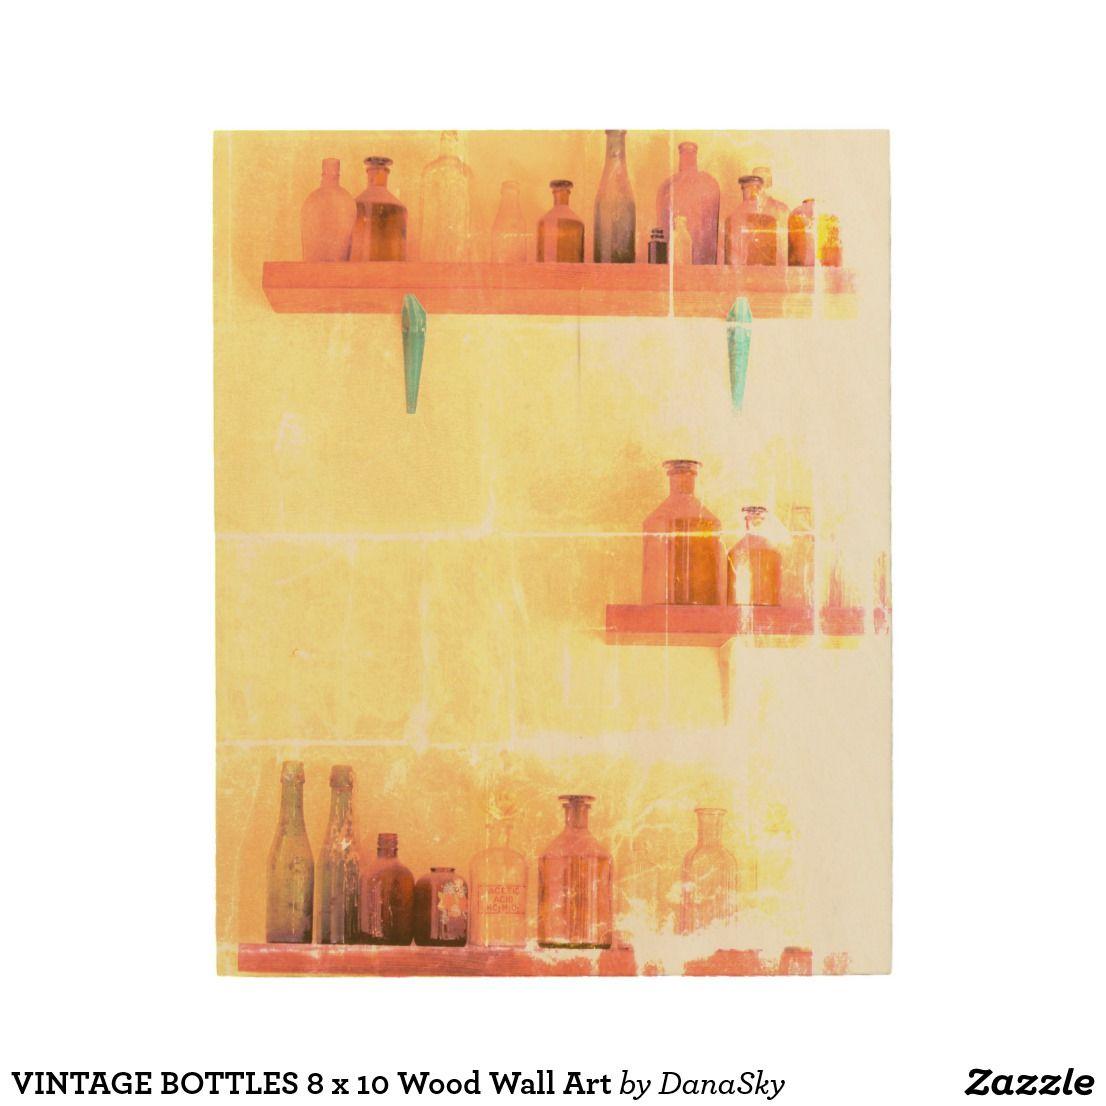 VINTAGE BOTTLES 8 x 10 Wood Wall Art | Vintage arts | Pinterest ...